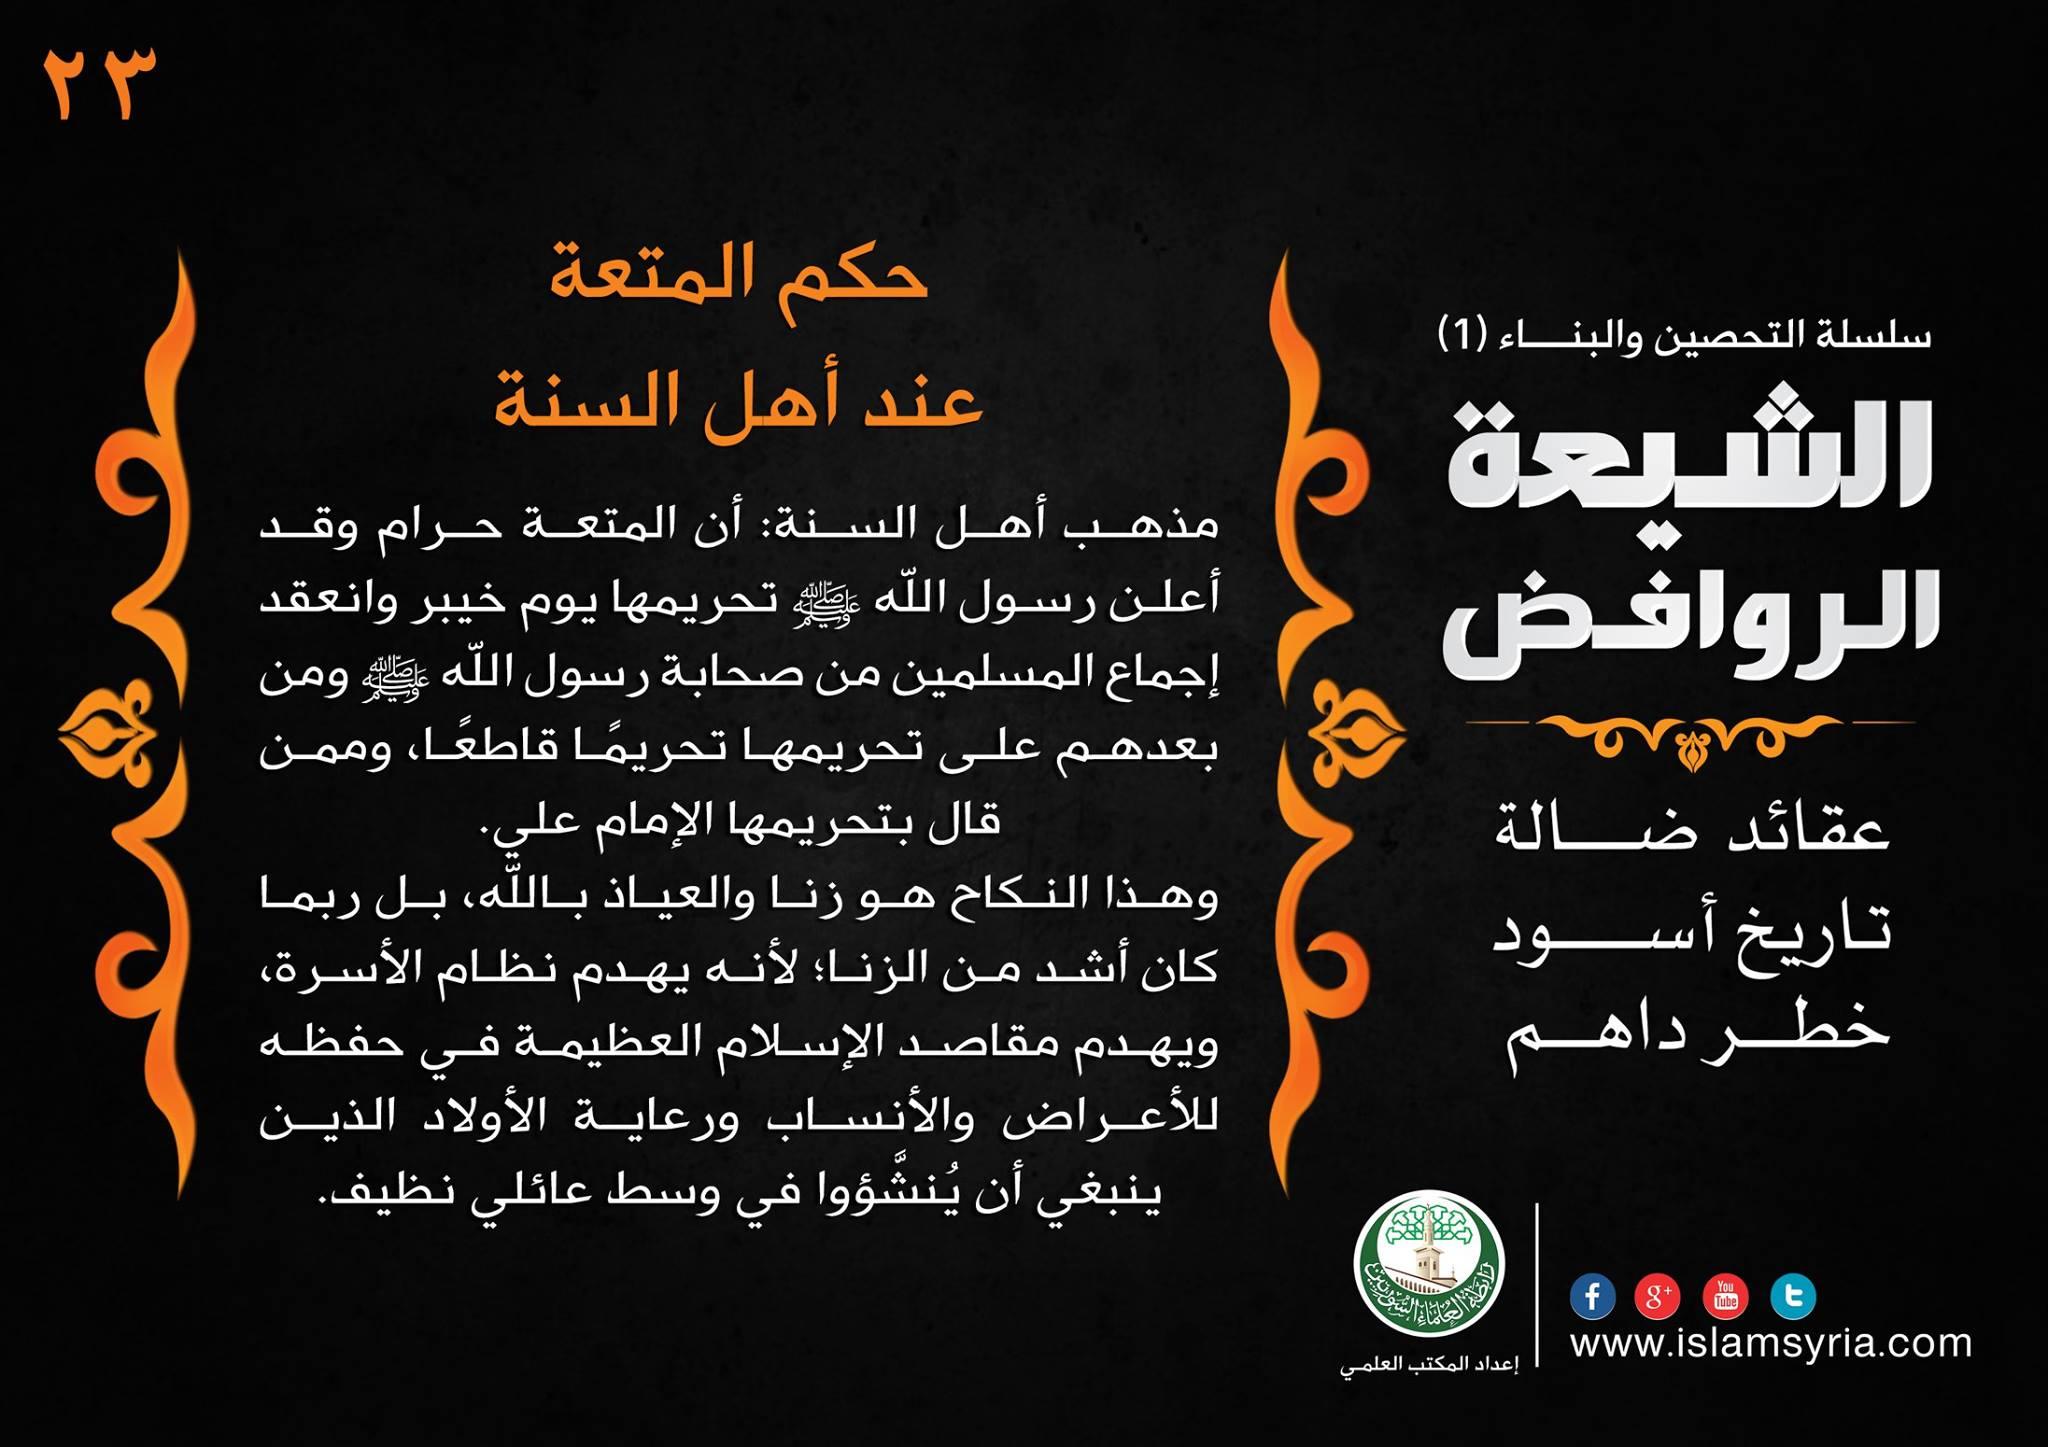 سلسلة التحصين والبناء -23- الشيعة الروافض